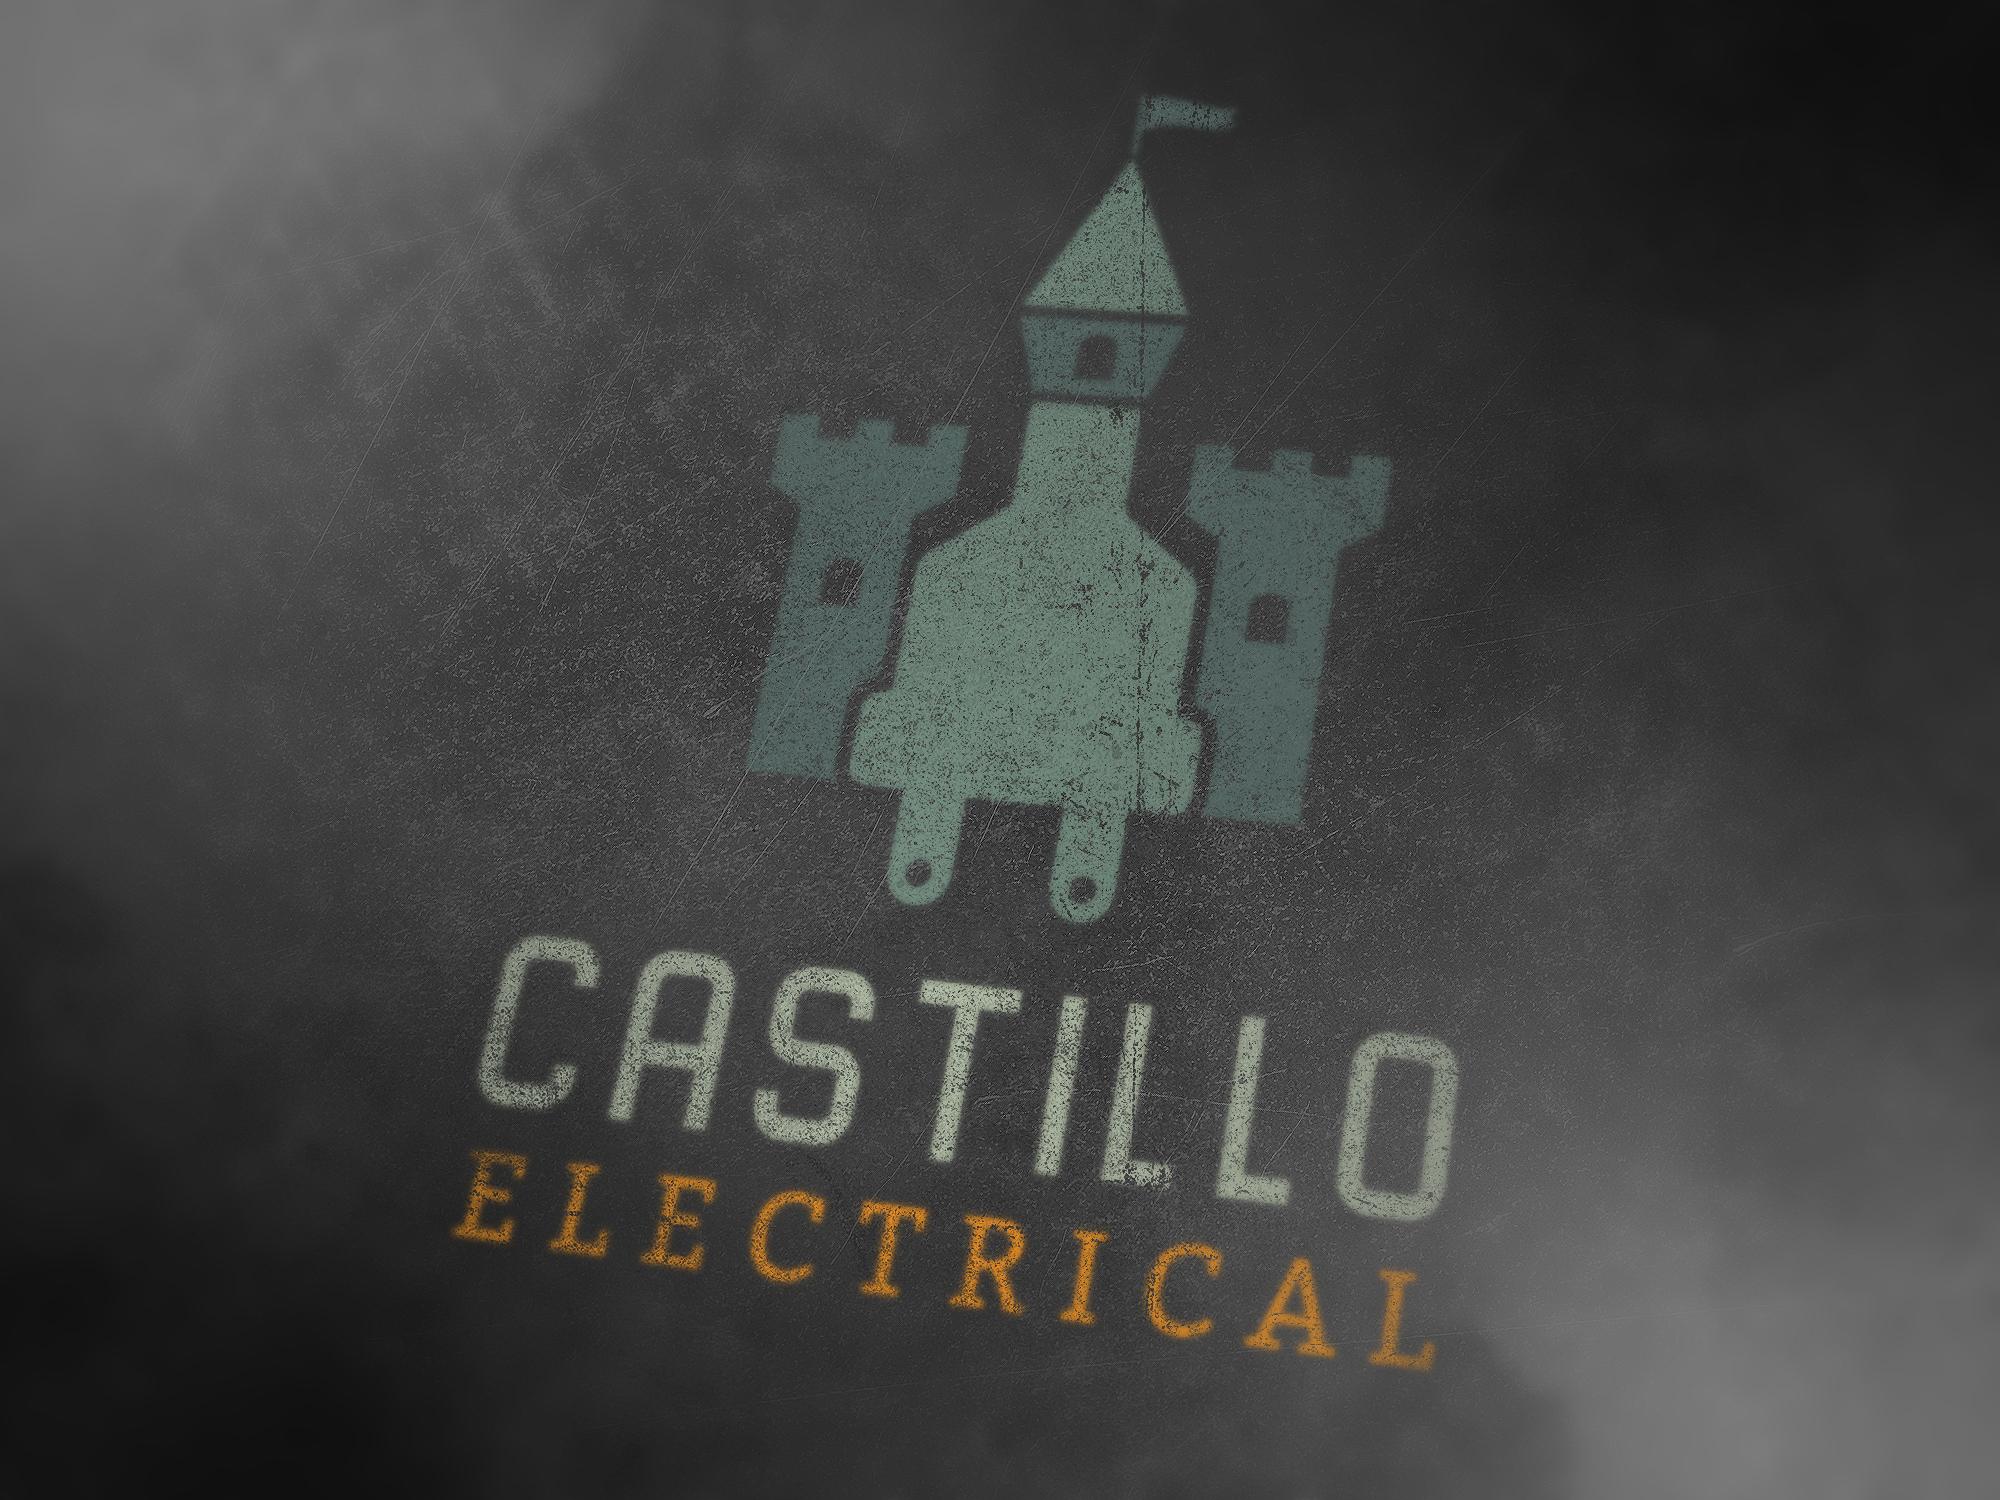 Logo Design: Castillo Electrical